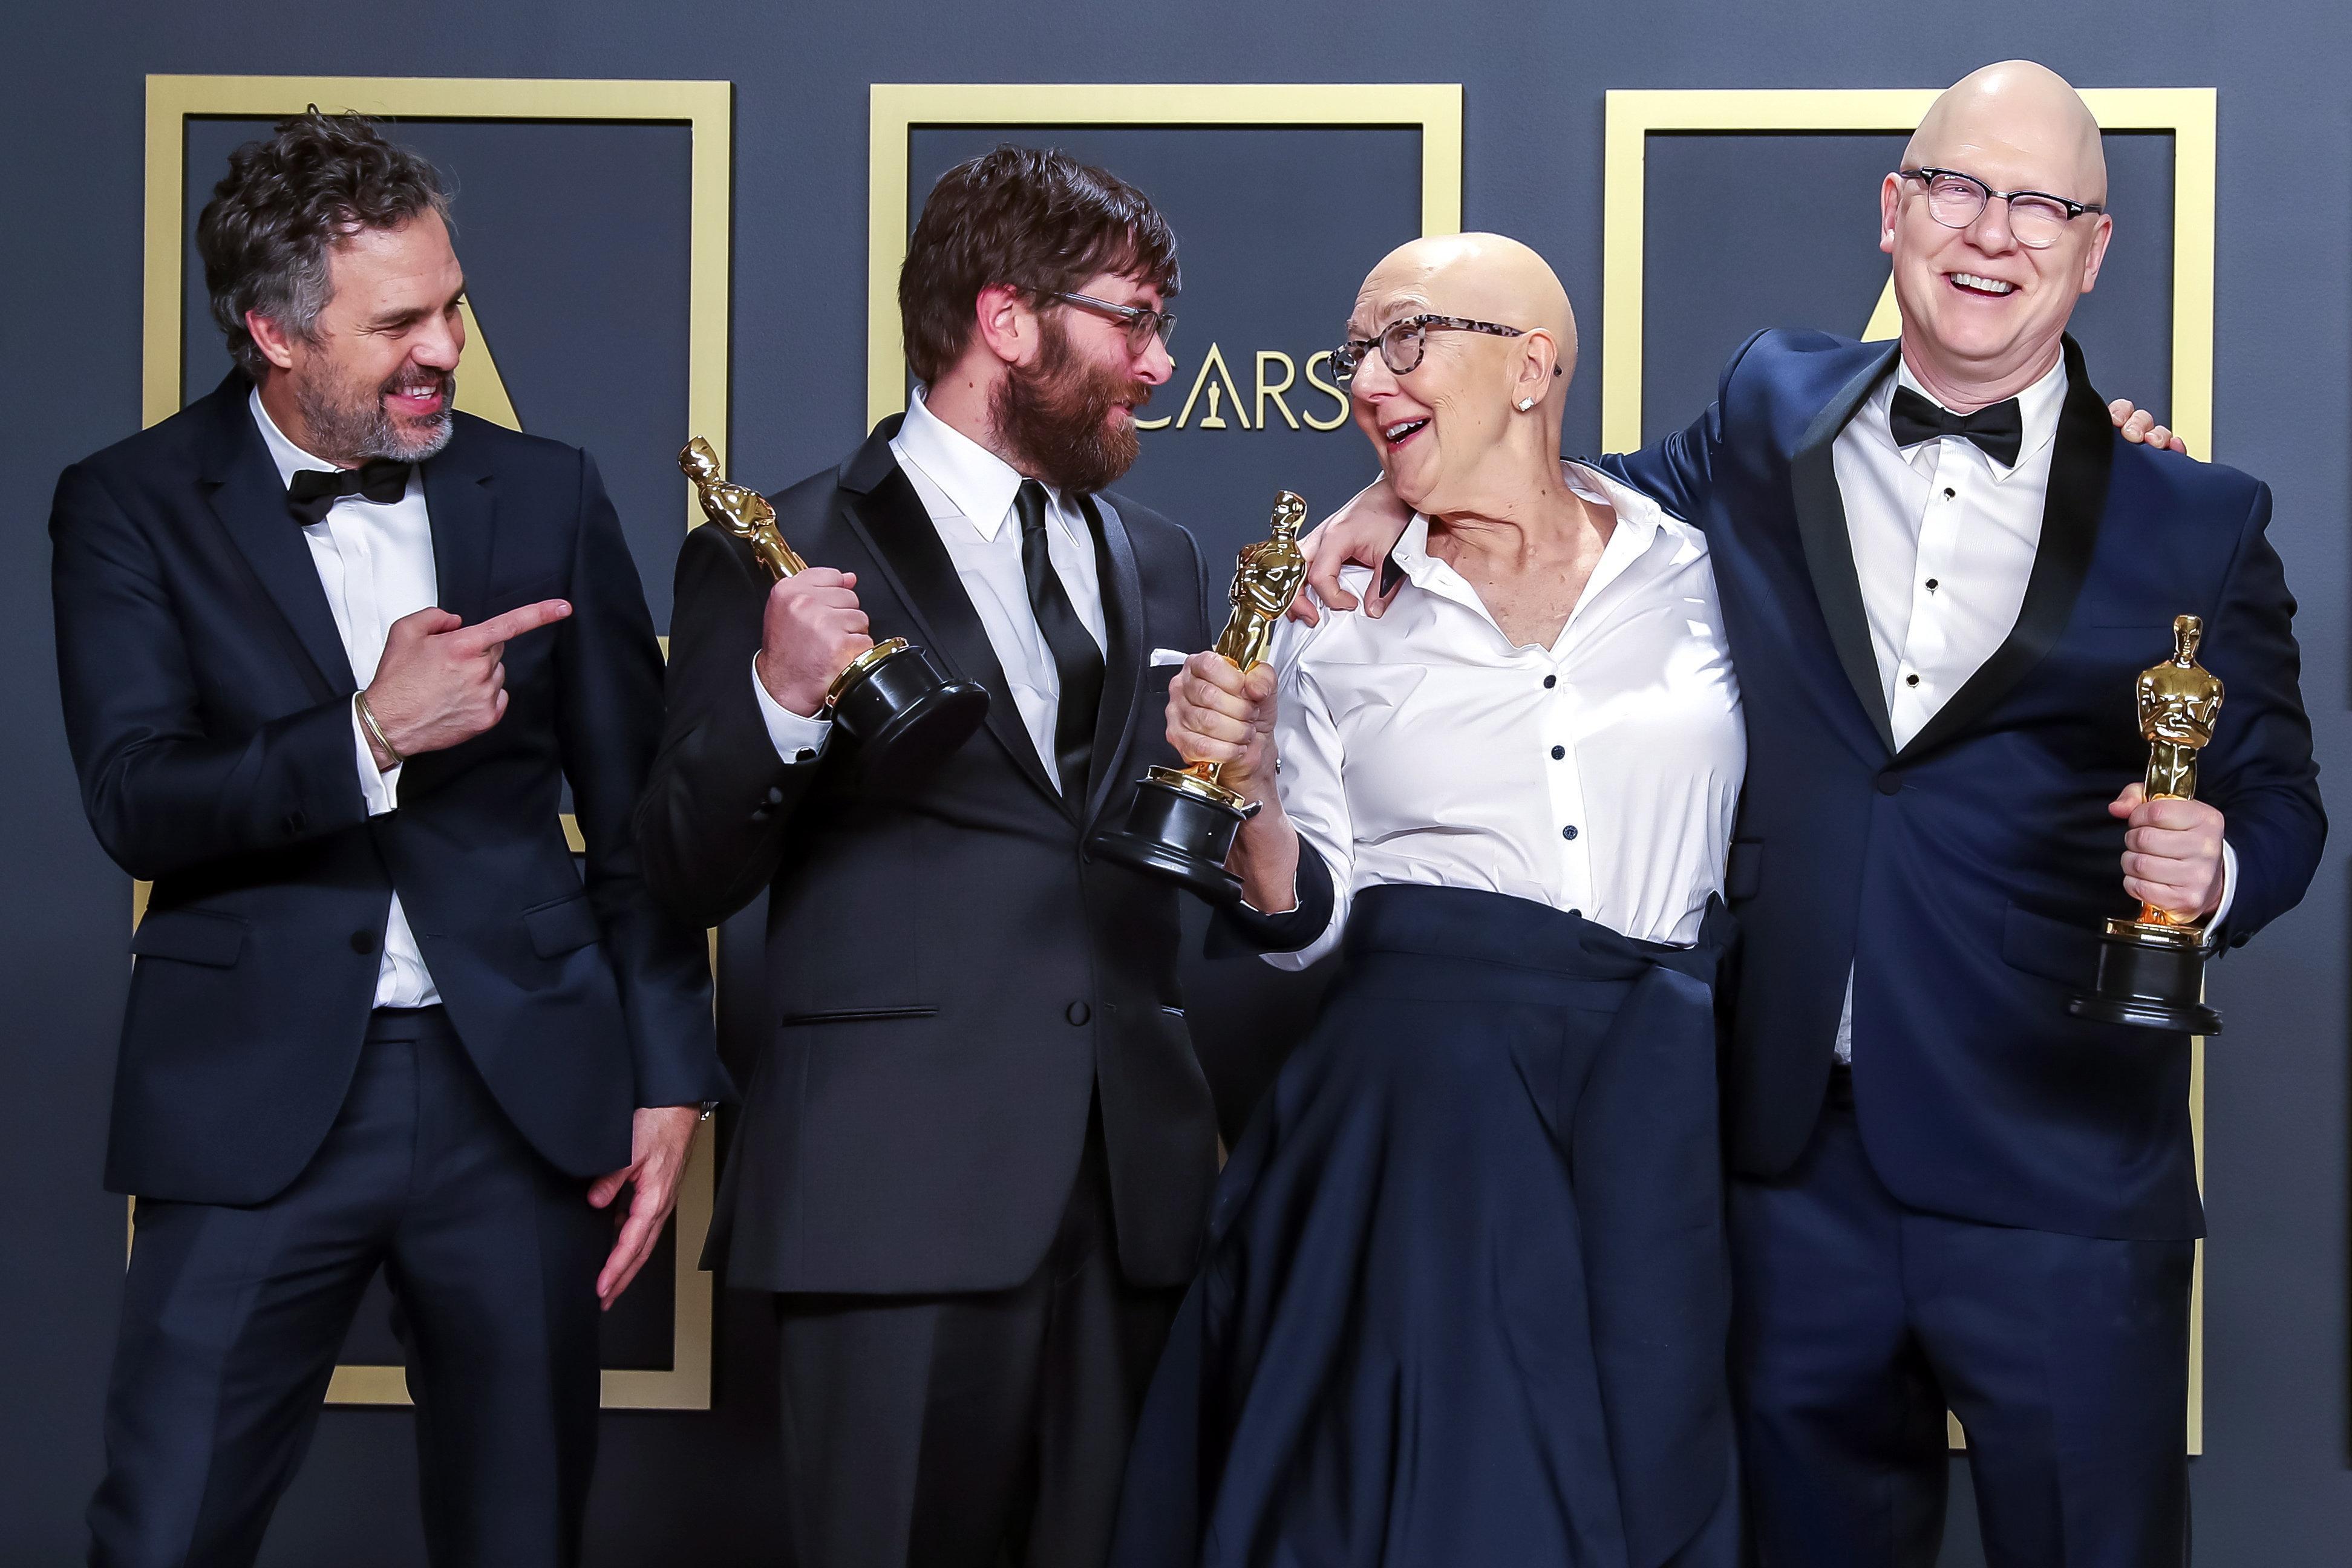 """Regisseur mit ungarischen Wurzeln gewinnt Oscar in der Kategorie """"Bester Dokumentarfilm"""" post's picture"""